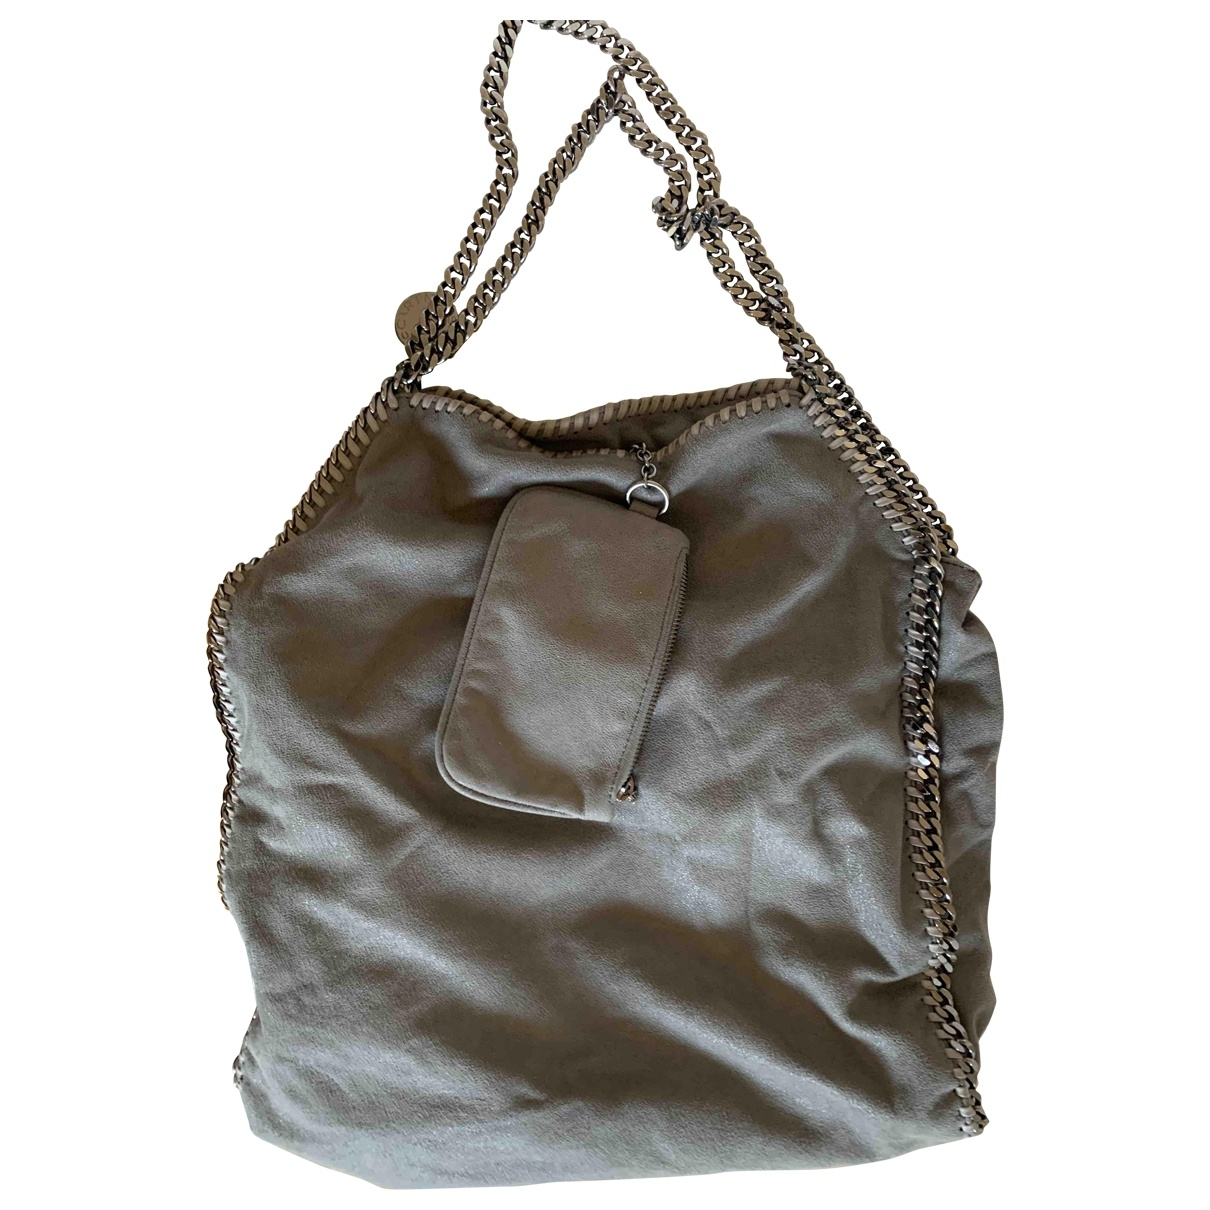 Stella Mccartney Falabella Handtasche in  Grau Leinen